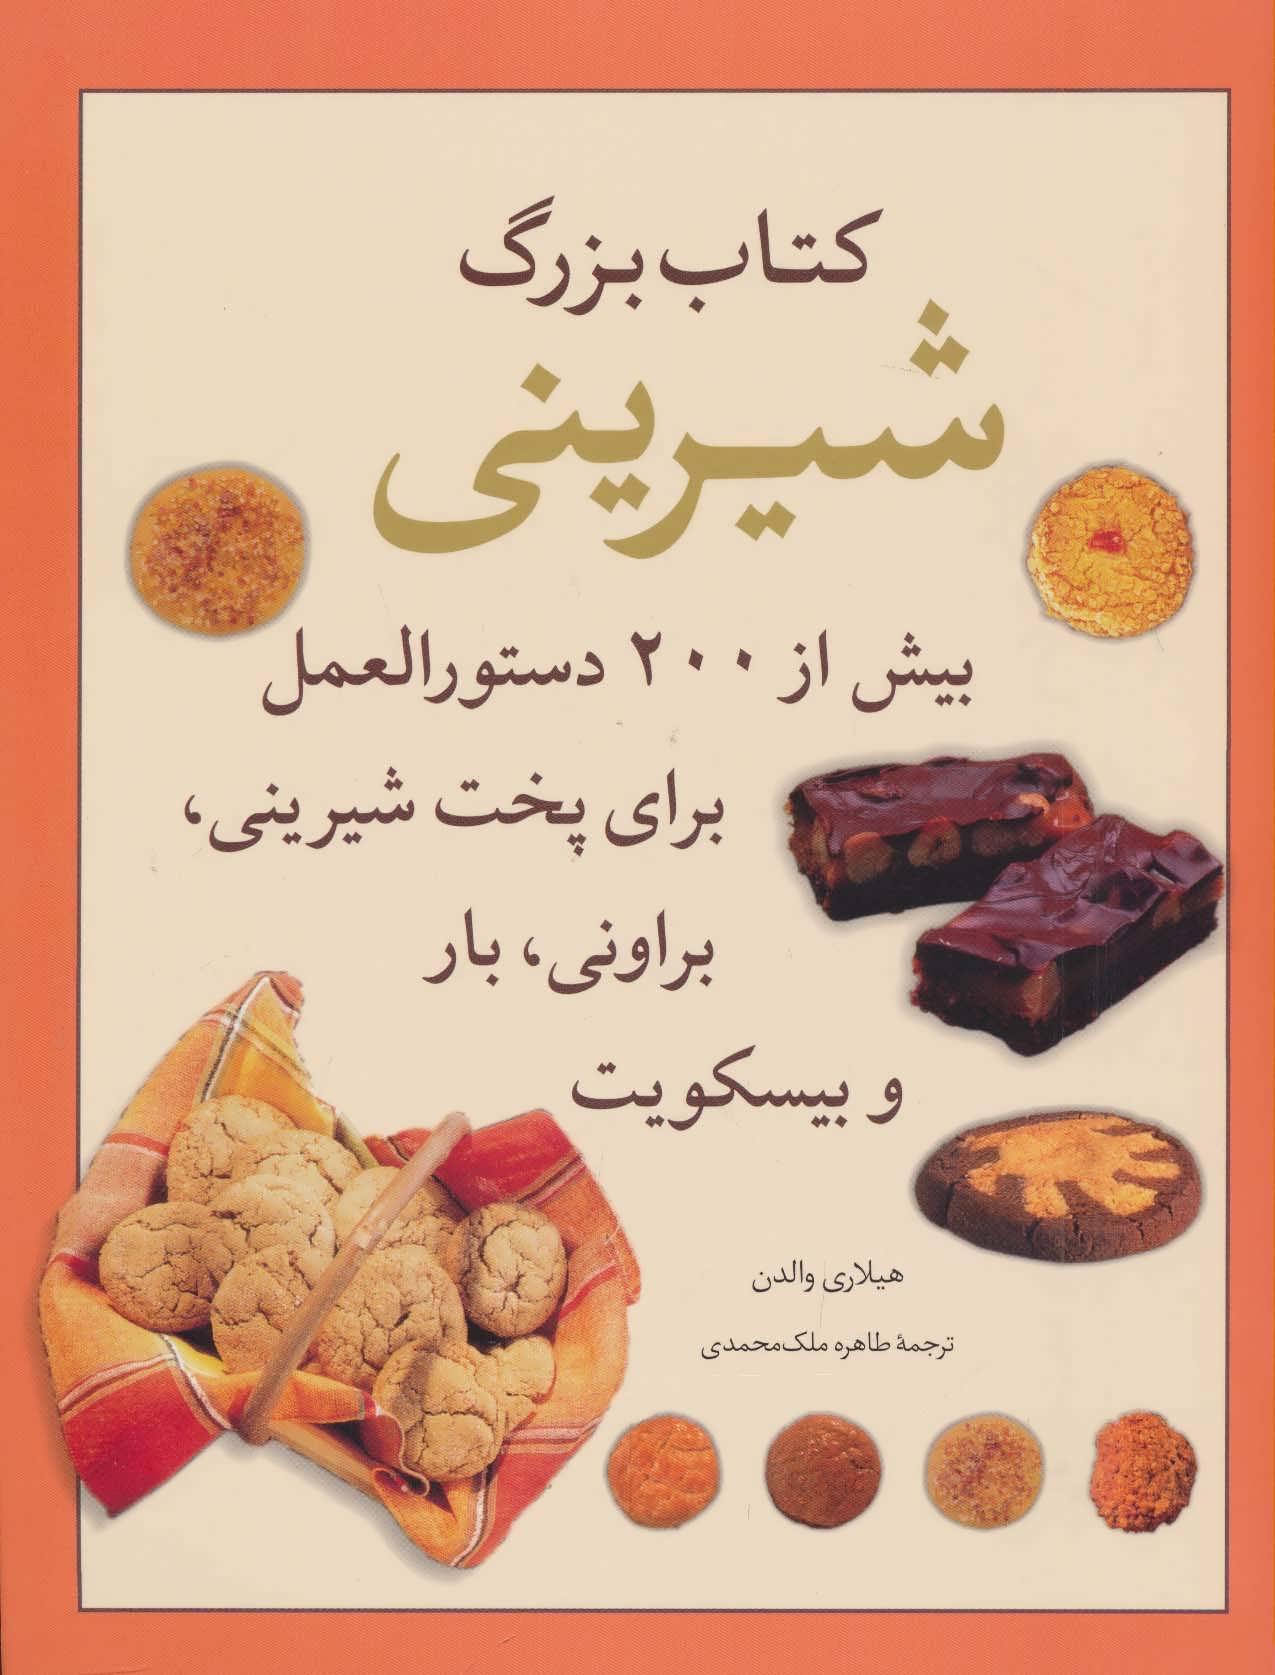 کتاب بزرگ شیرینی (بیش از 200 دستورالعمل برای پخت شیرینی،براونی،بار و بیسکویت)